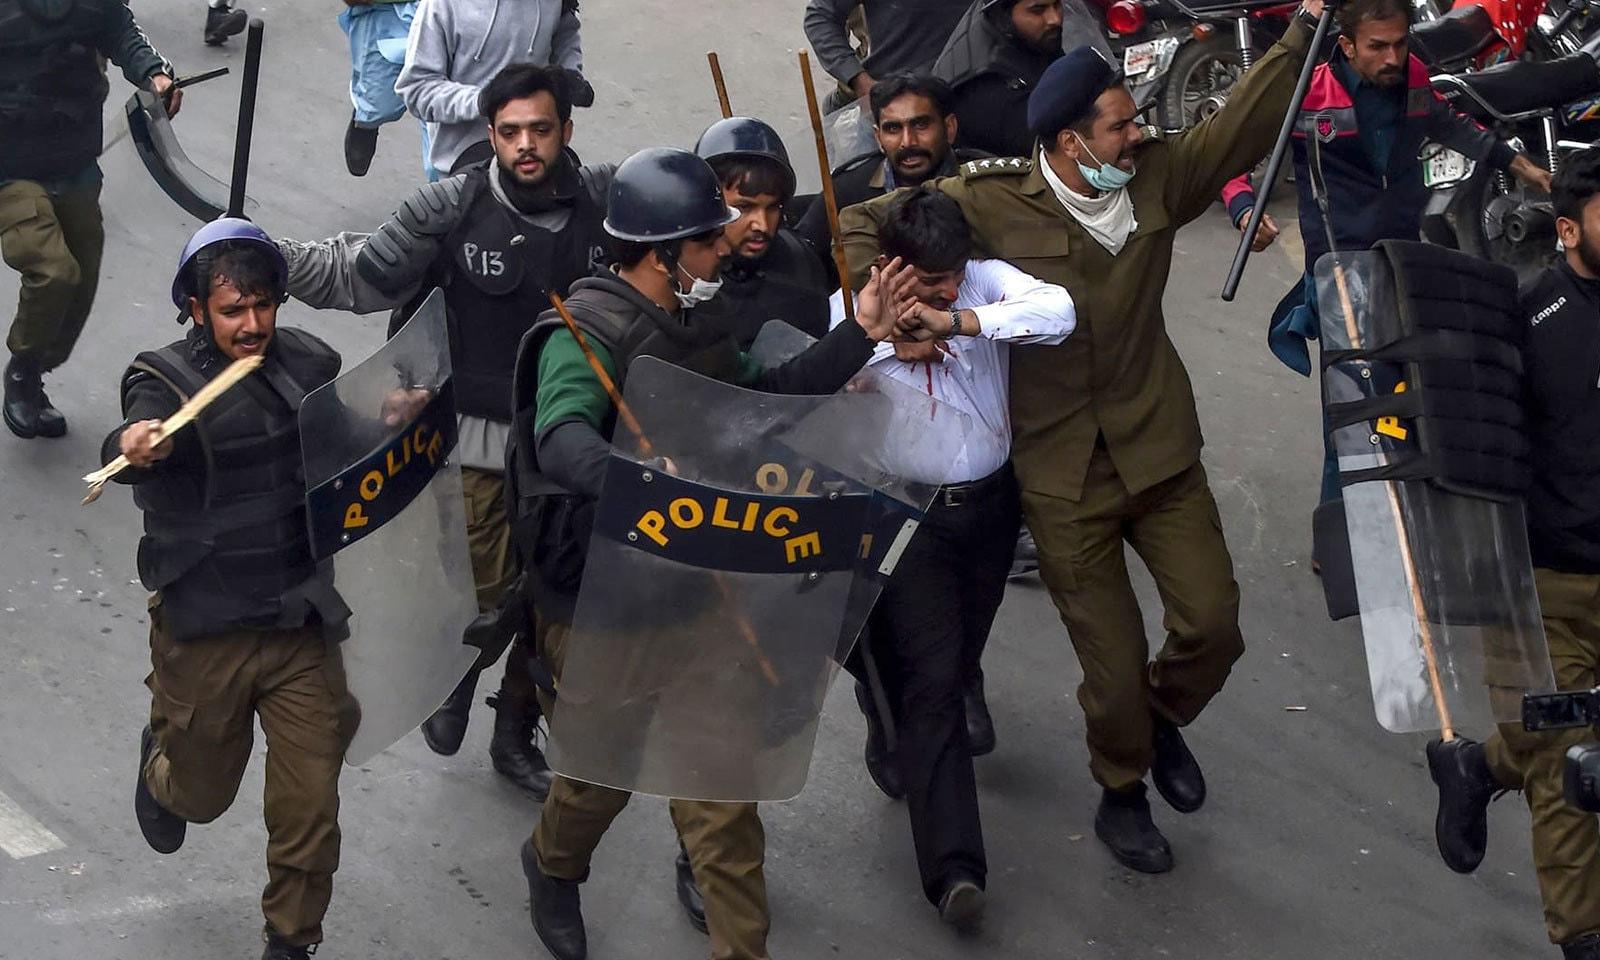 پولیس نے حالات پر قابو پانے کے لیے کئی افراد کو حراست میں بھی لیا — فوٹو: اے ایف پی